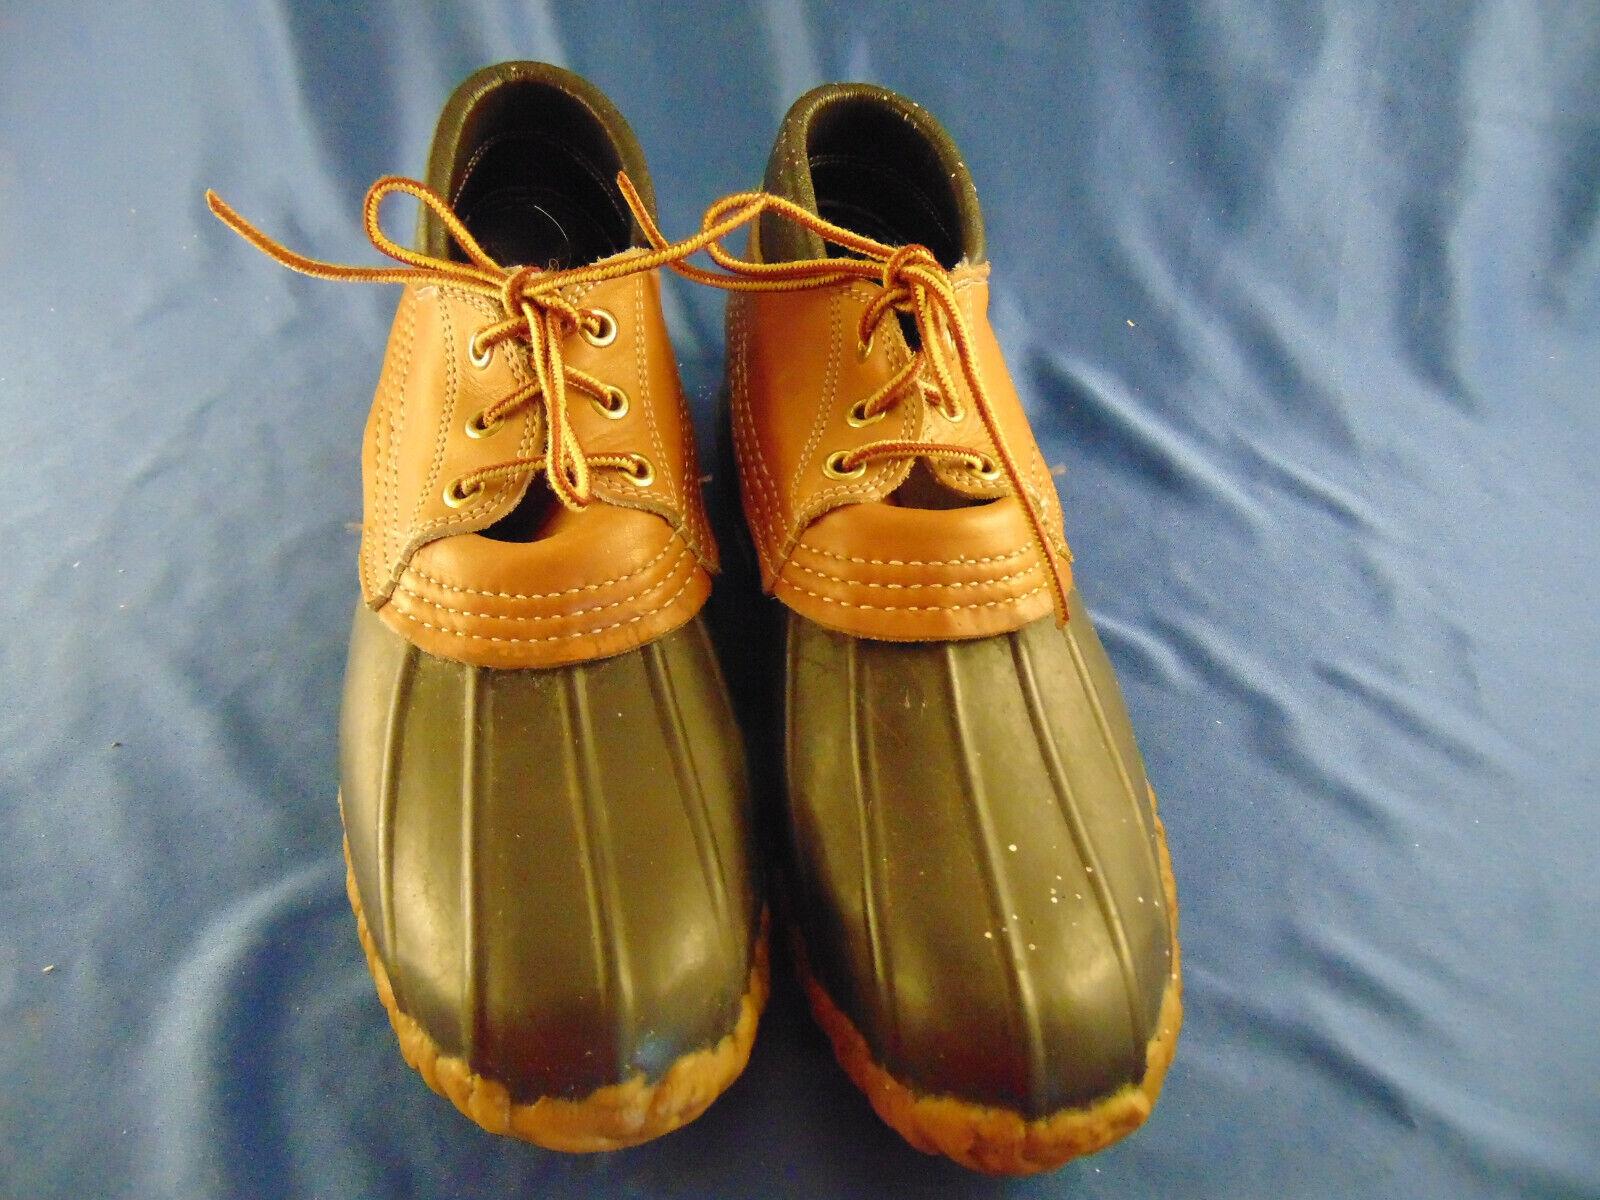 Maine caza de pato Señoras Zapato Bota Talla 8 impermeable hecho Ll Bean USA Laceup